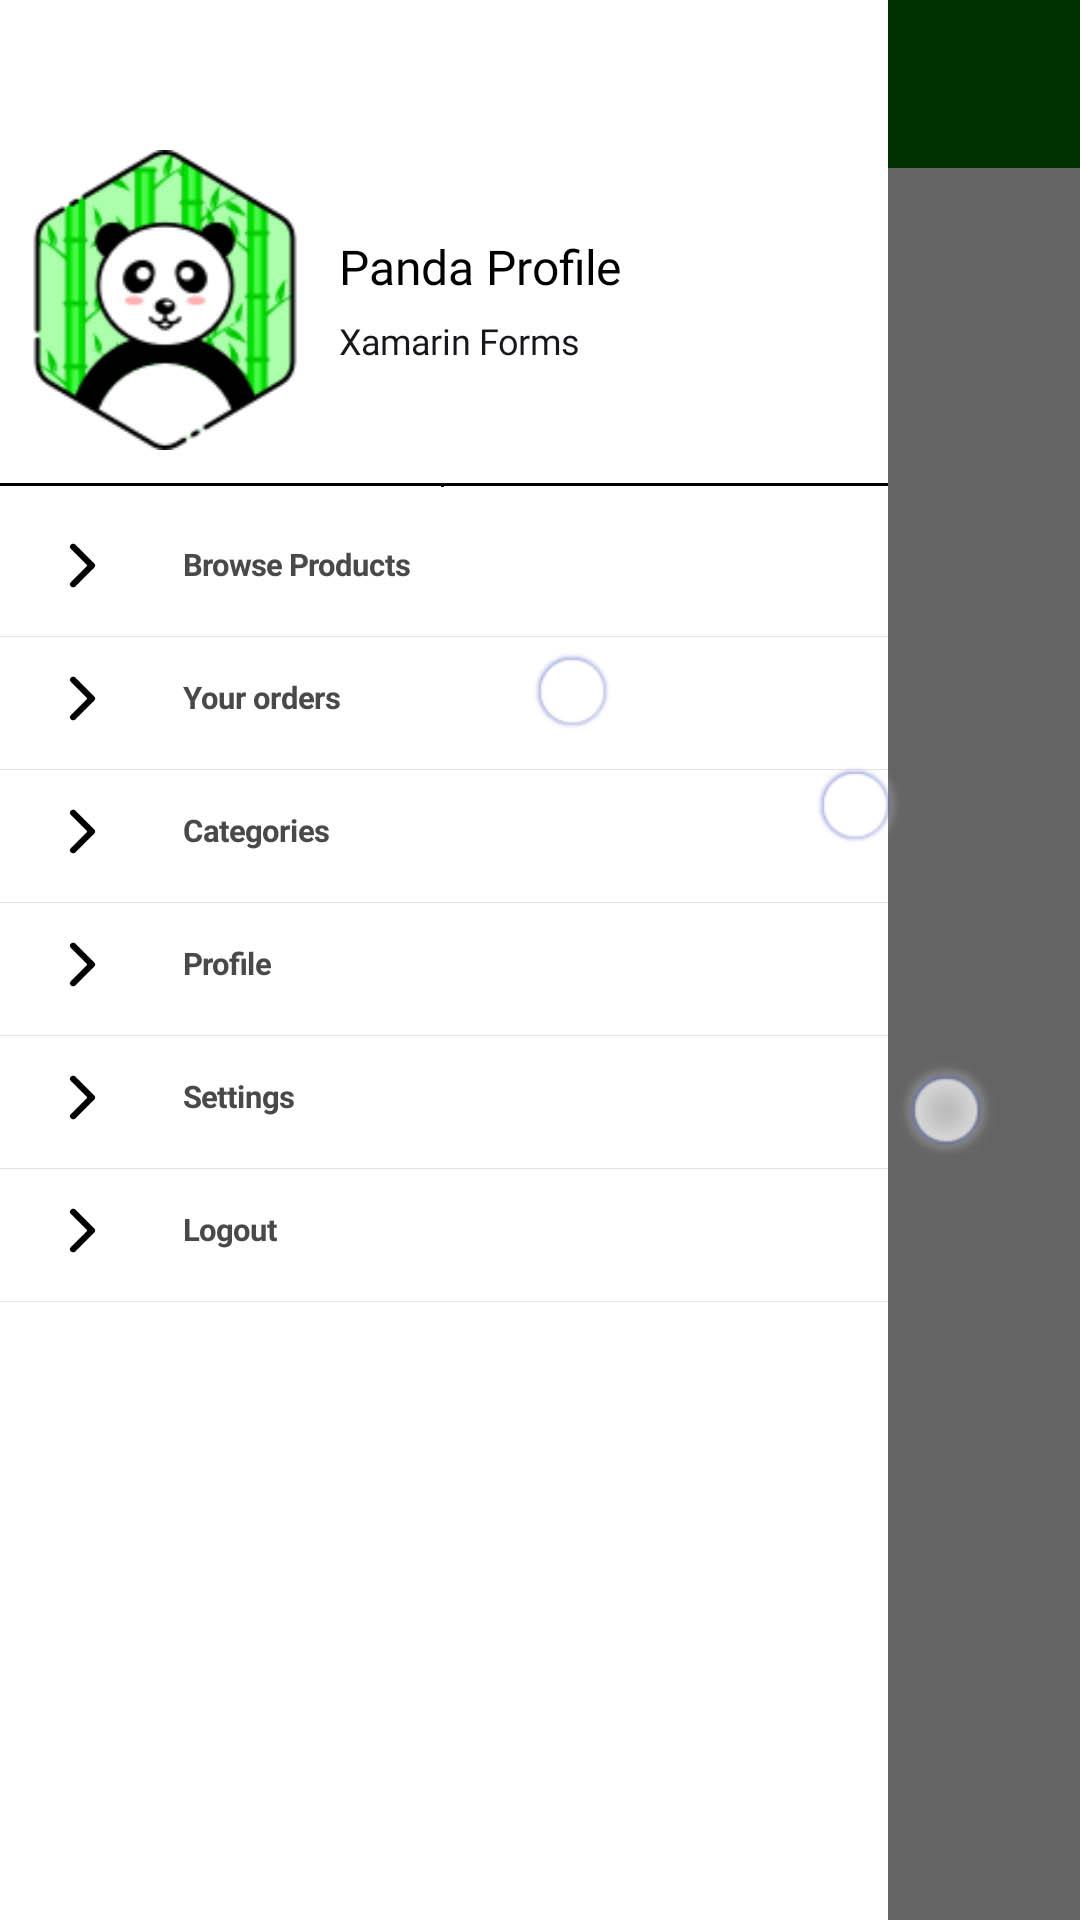 xamarin forms masterdetail page navigation drawer 01